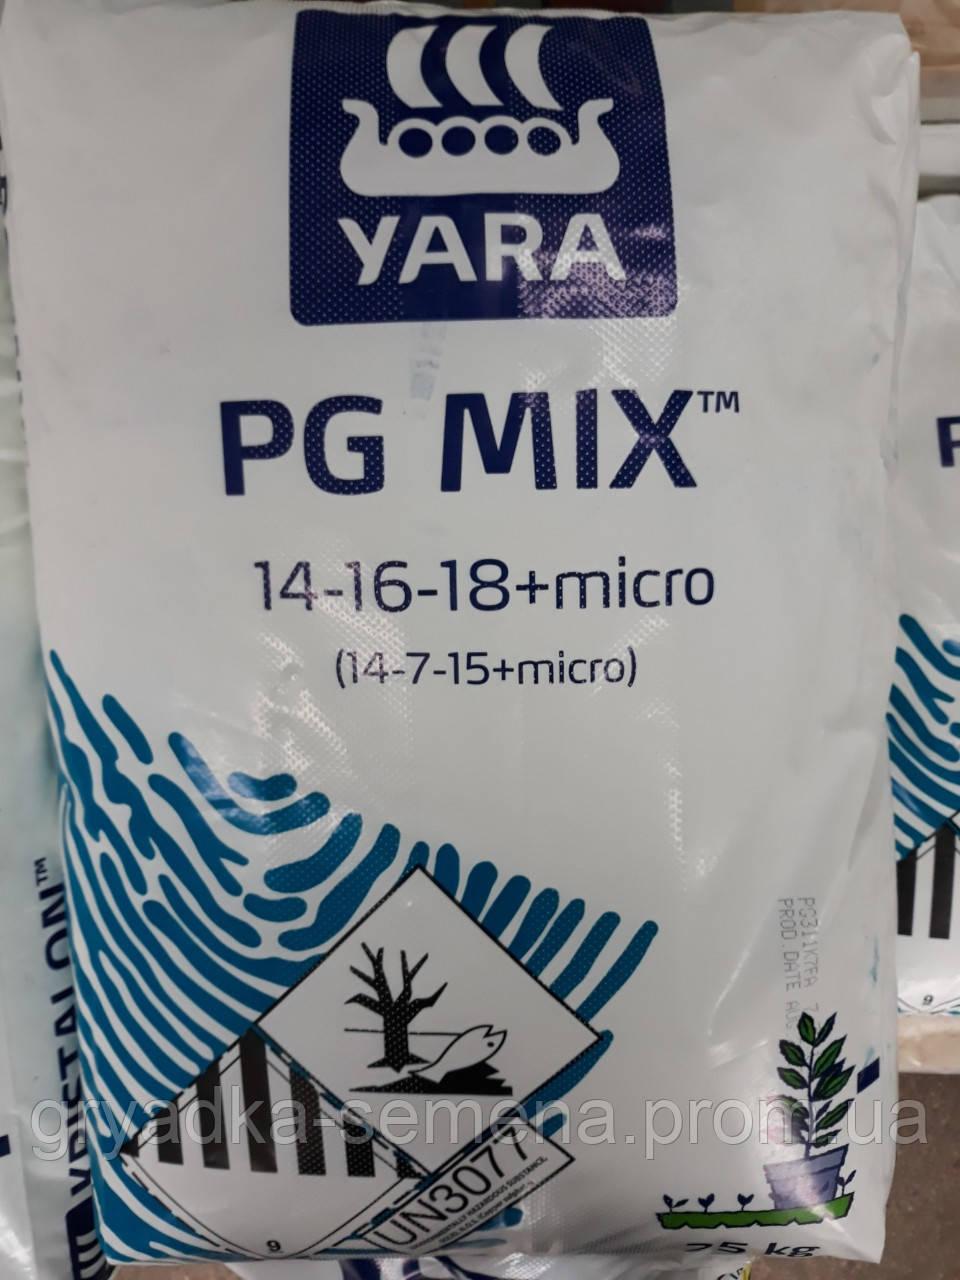 Удобрение Яра PG MIX 14-16-18 25 кг Польша